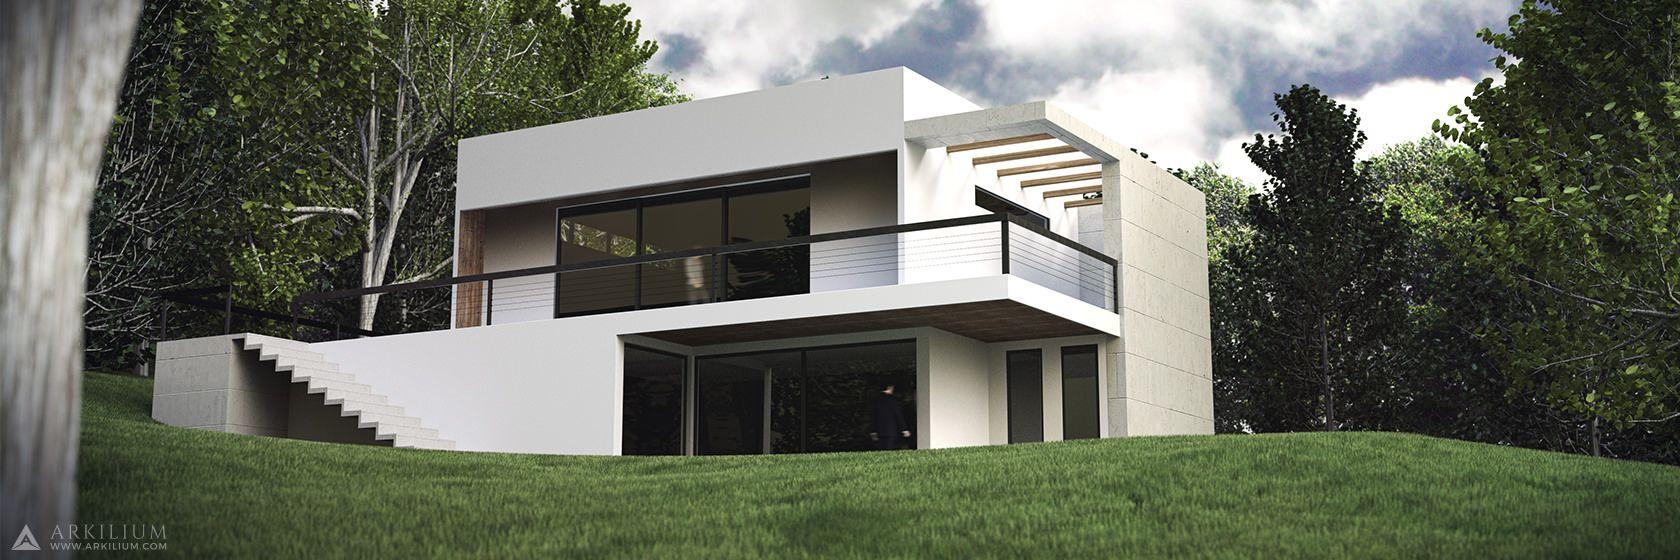 Simulateur maison 3d parmi les autres 3d dans le monde for Simulateur maison 3d